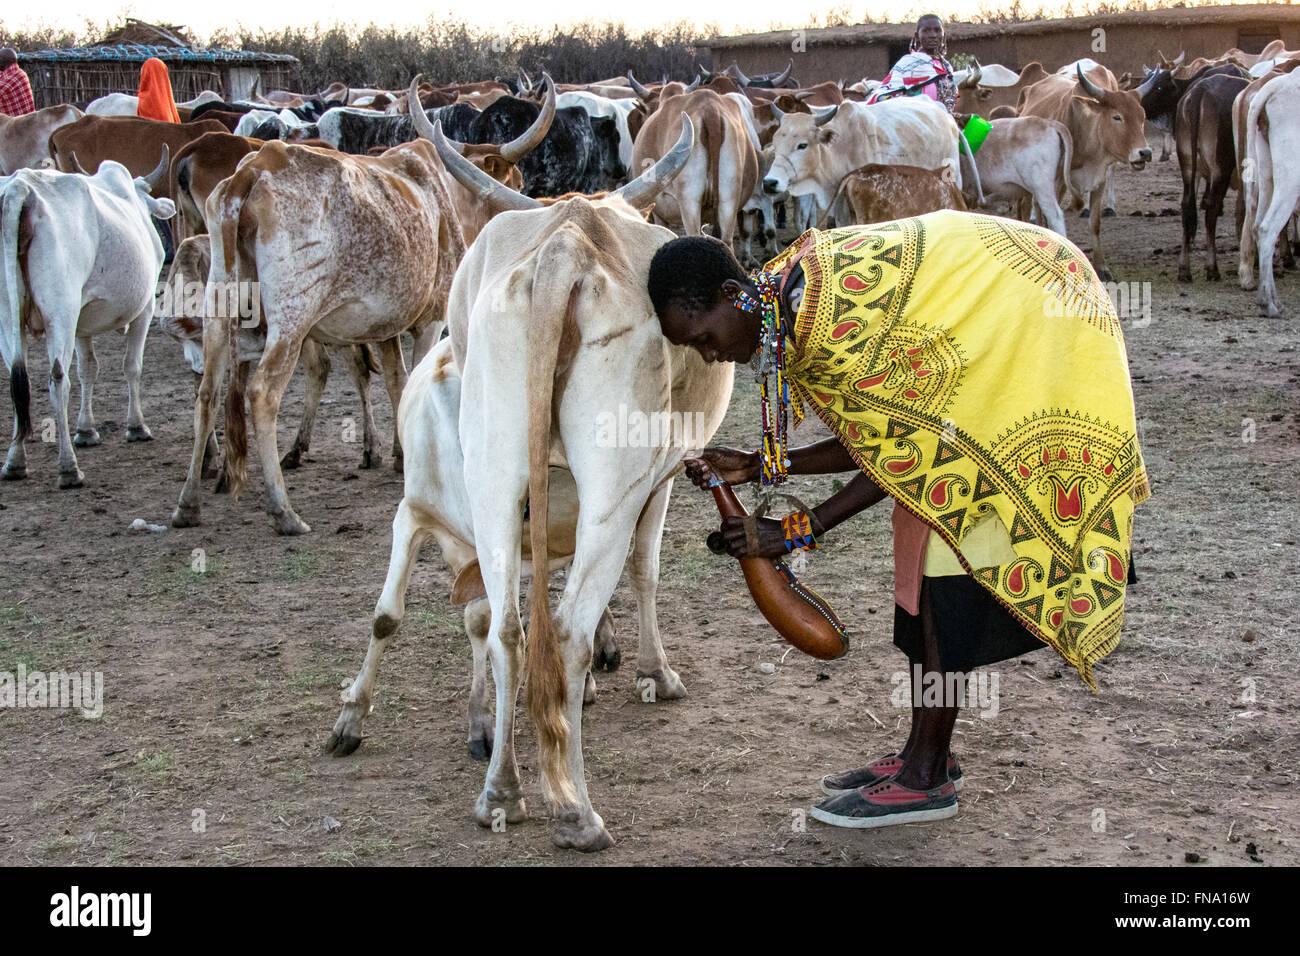 Masaï, portant un kanga coloré et sneakers, traire une vache dans une calebasse, le travail traditionnel Photo Stock